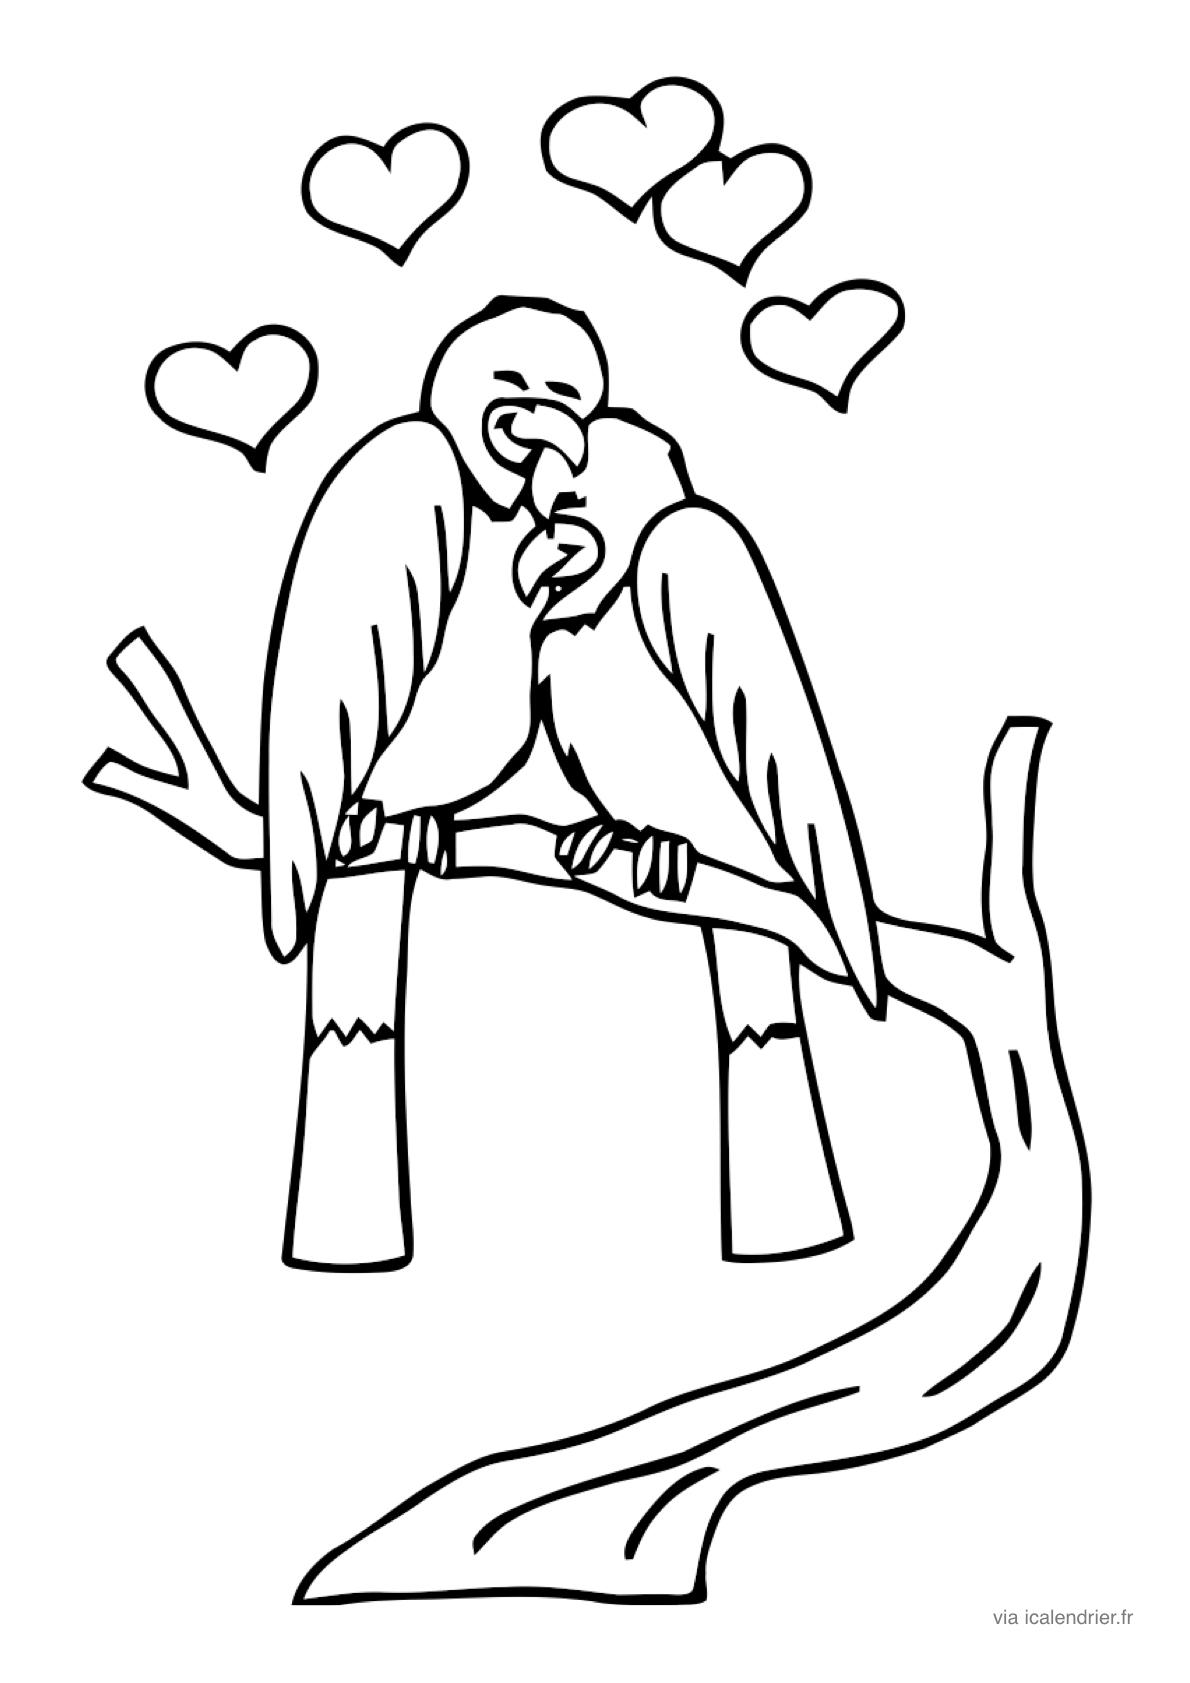 Saint-Valentin - Coloriage À Offrir - Icalendrier avec Coloriage Février